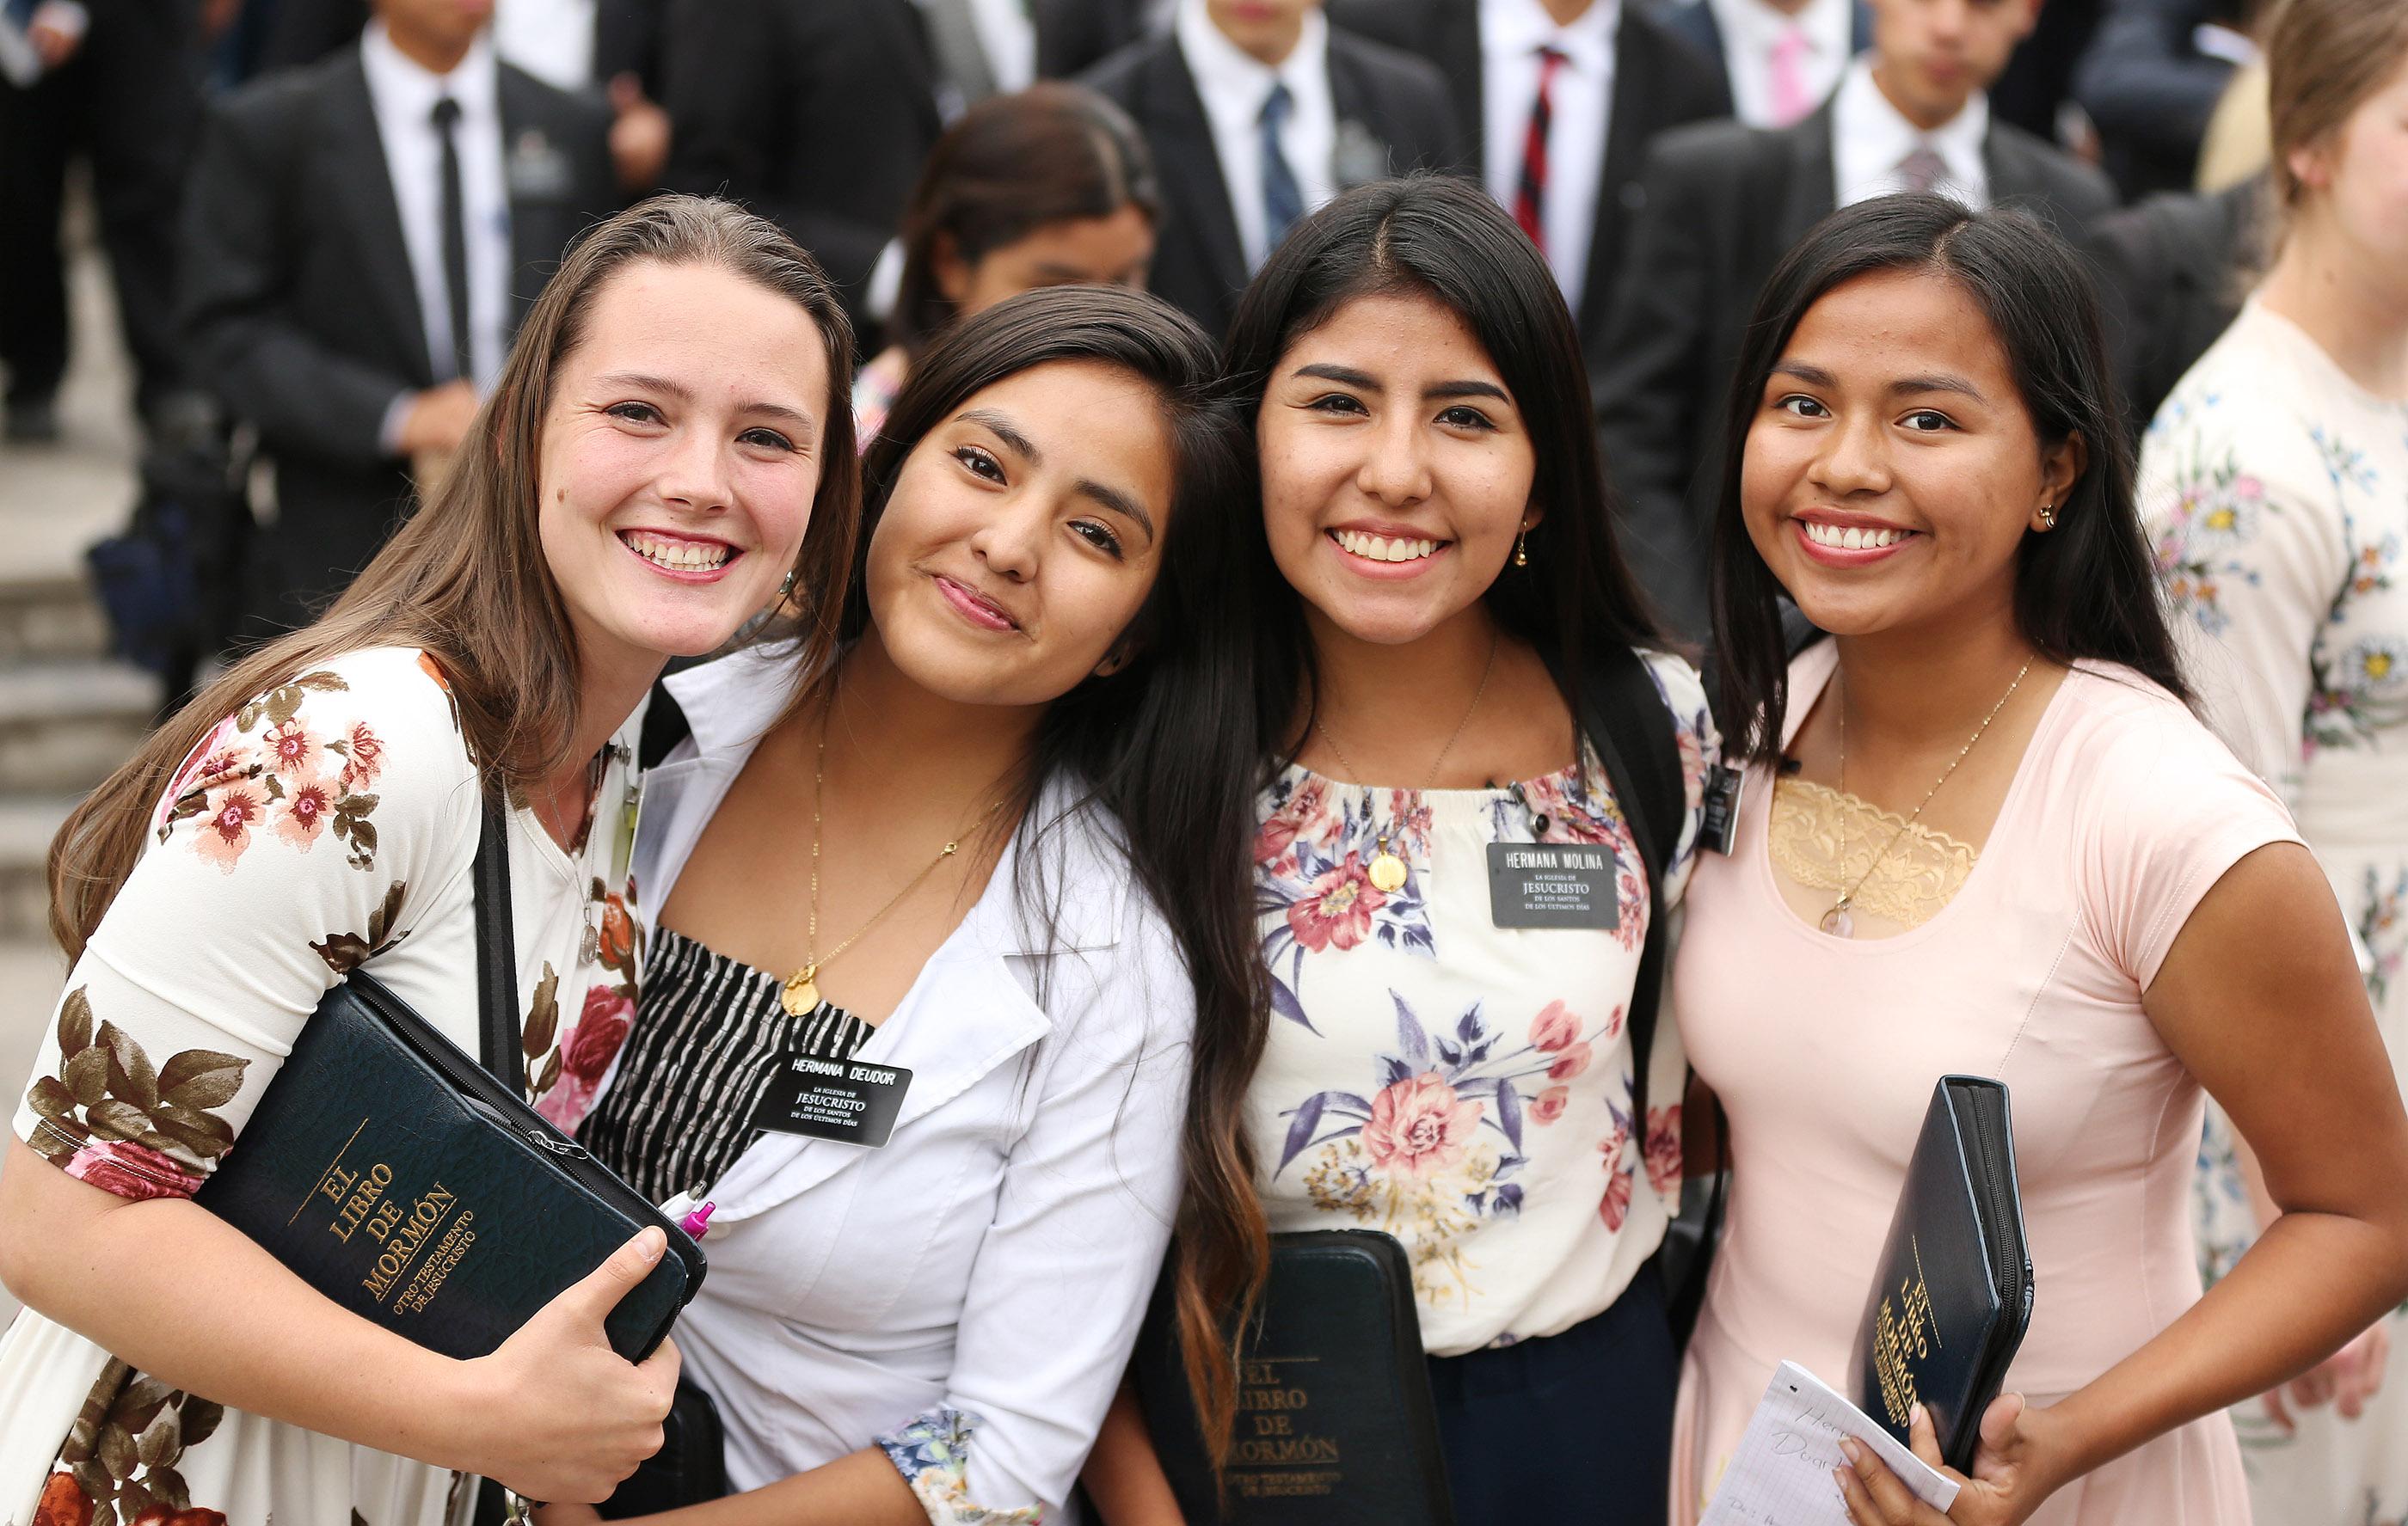 As sísteres missionárias sorriem após uma reunião com o presidente Russell M. Nelson, de A Igreja de Jesus Cristo dos Santos dos Últimos Dias, em Lima, Peru, em 20 de outubro de 2018.